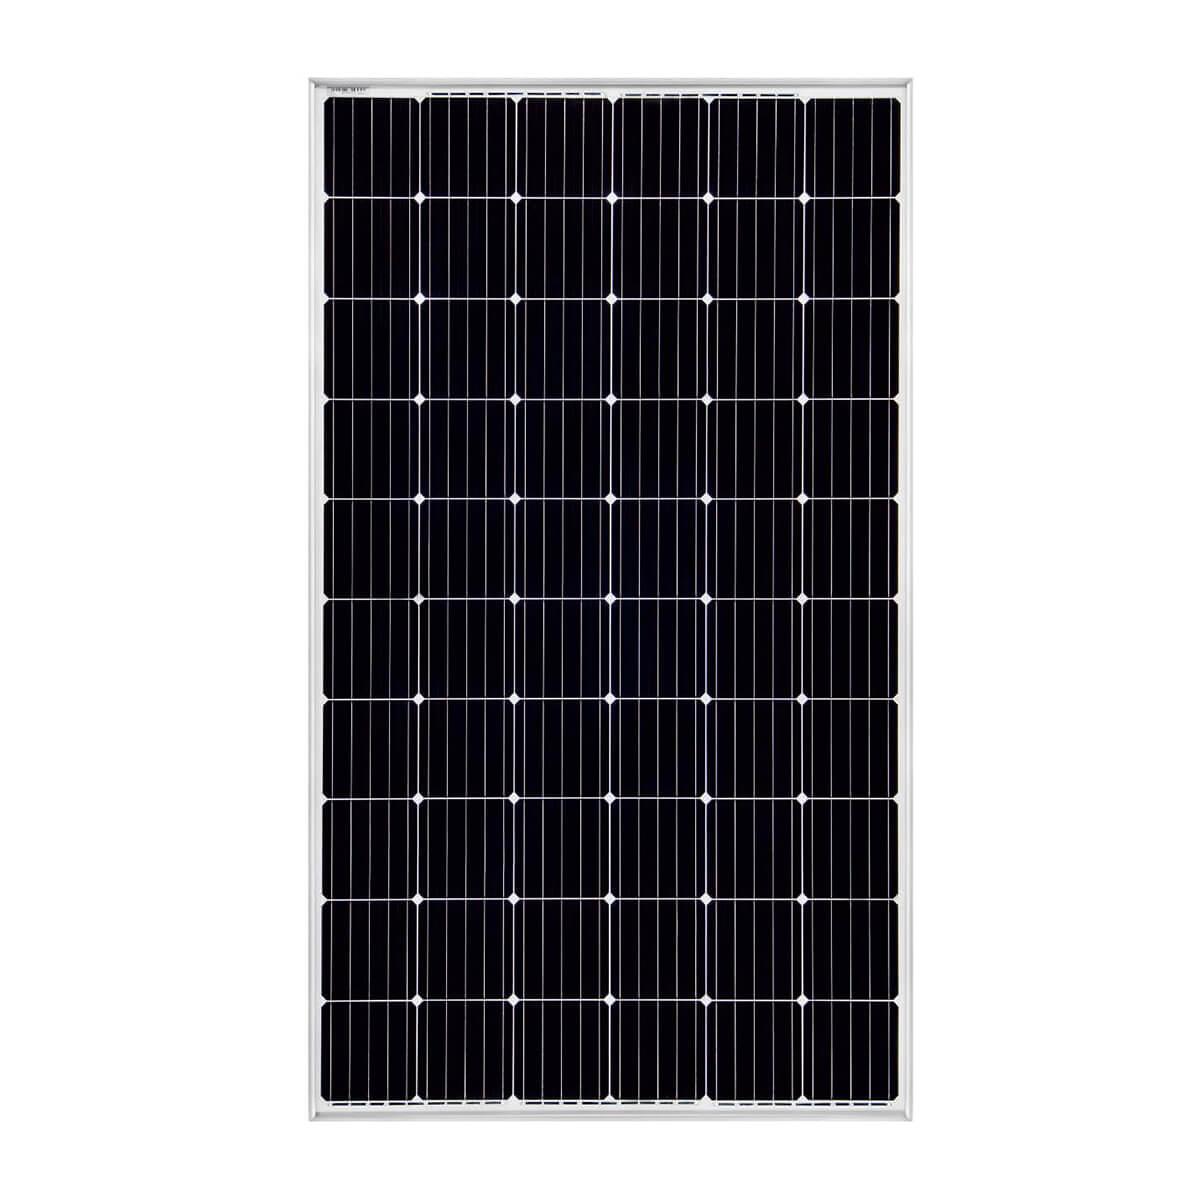 Odul solar 325W panel, odul solar 325Watt panel, Odul solar 325 W panel, odul solar 325 Watt panel, odul solar 325 Watt monokristal panel, Odul solar 325 W watt gunes paneli, odul solar 325 W watt monokristal gunes paneli, odul solar 325 W Watt fotovoltaik monokristal solar panel, odul solar 325W monokristal gunes enerjisi, odul solar OSMp60-325W panel